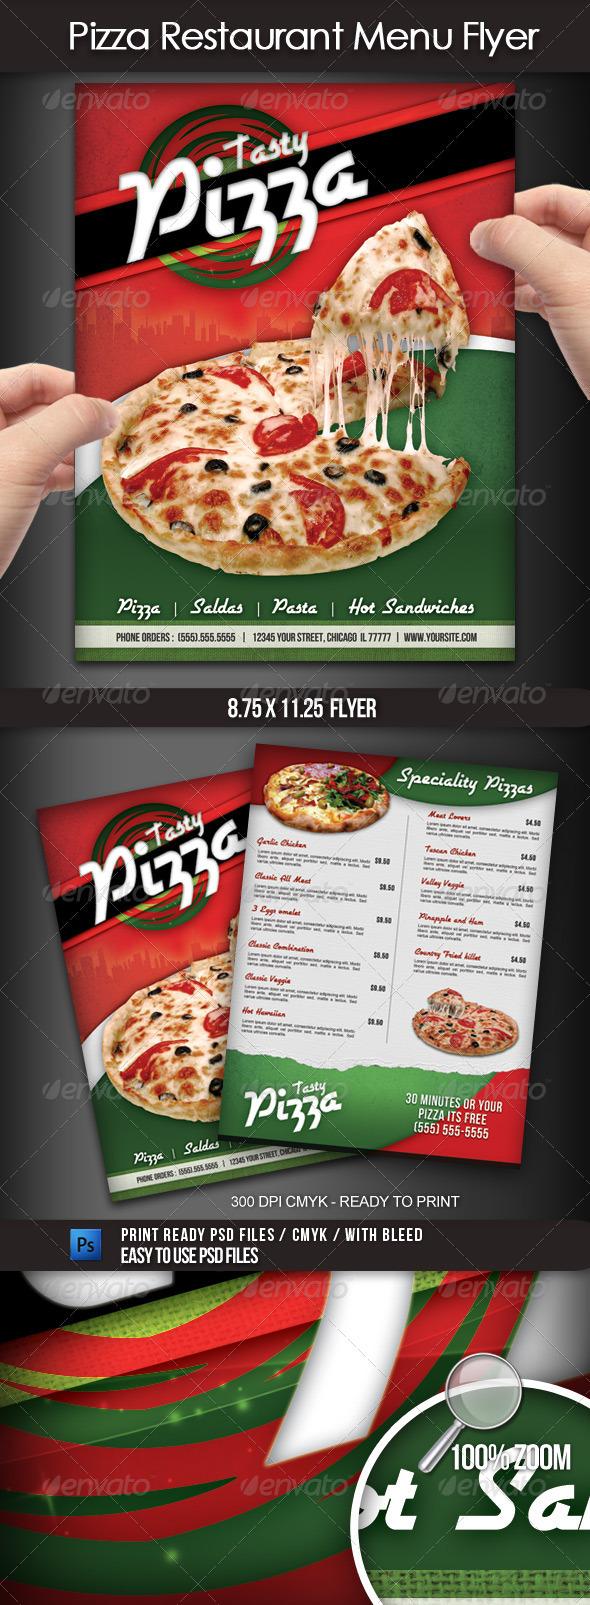 Pizza Restaurant Menu Flyer - Flyers Print Templates